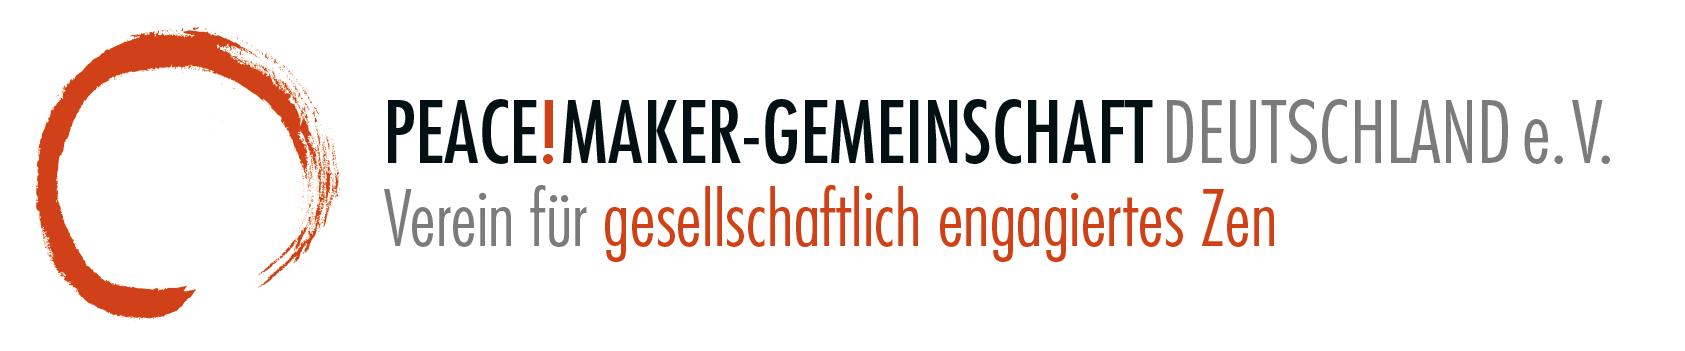 Peacemaker-Gemeinschaft Deutschland e.V.